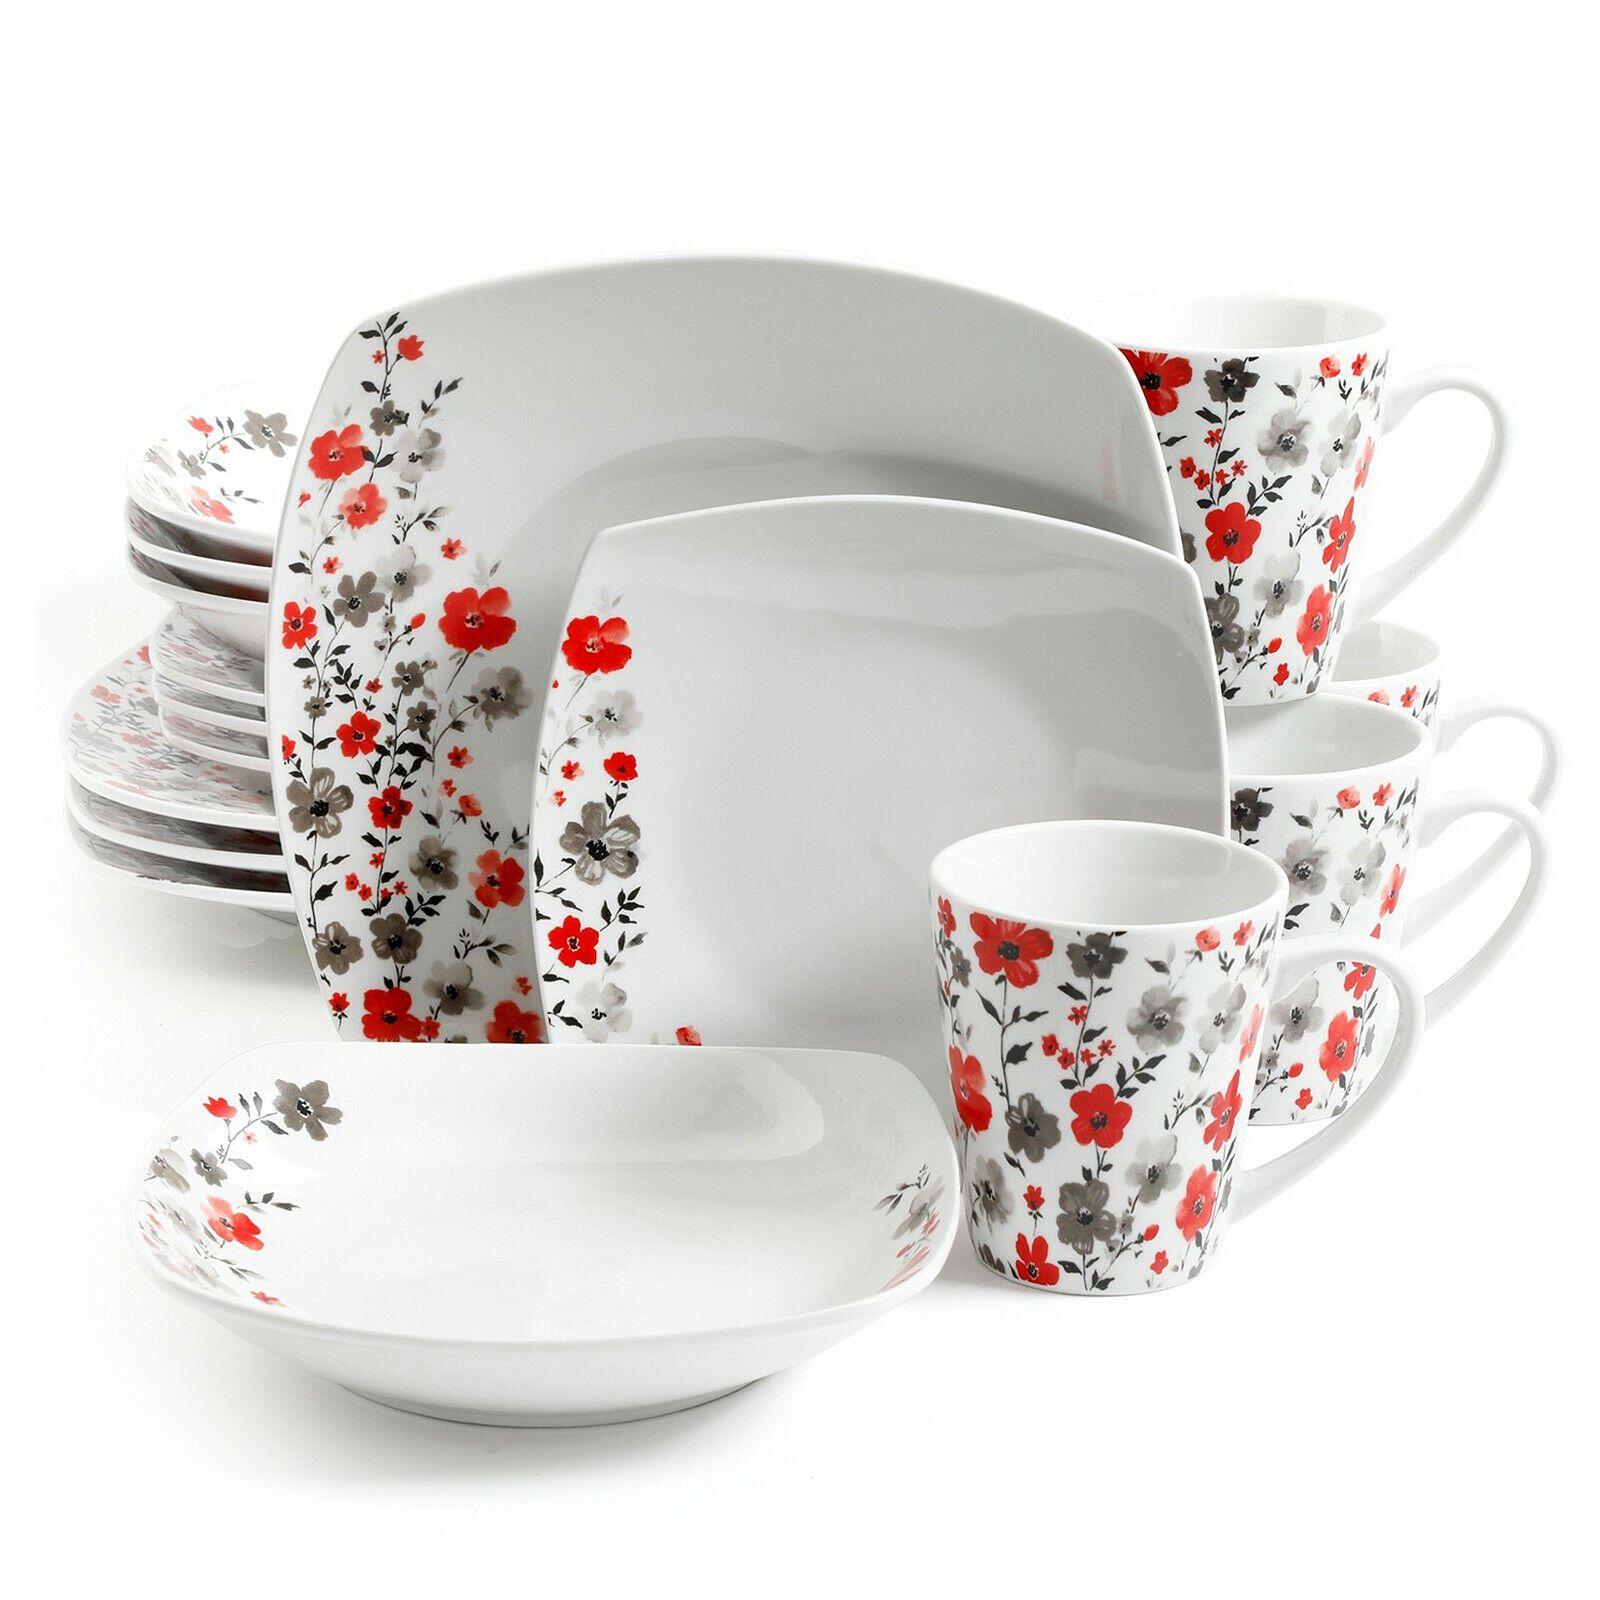 Rosetta Floral 16-Piece Ceramic Dinnerware Set  Service for Four Multi-Color  - Dinnerware - Ideas of Dinnerware #Dinnerware #casualdinnerware